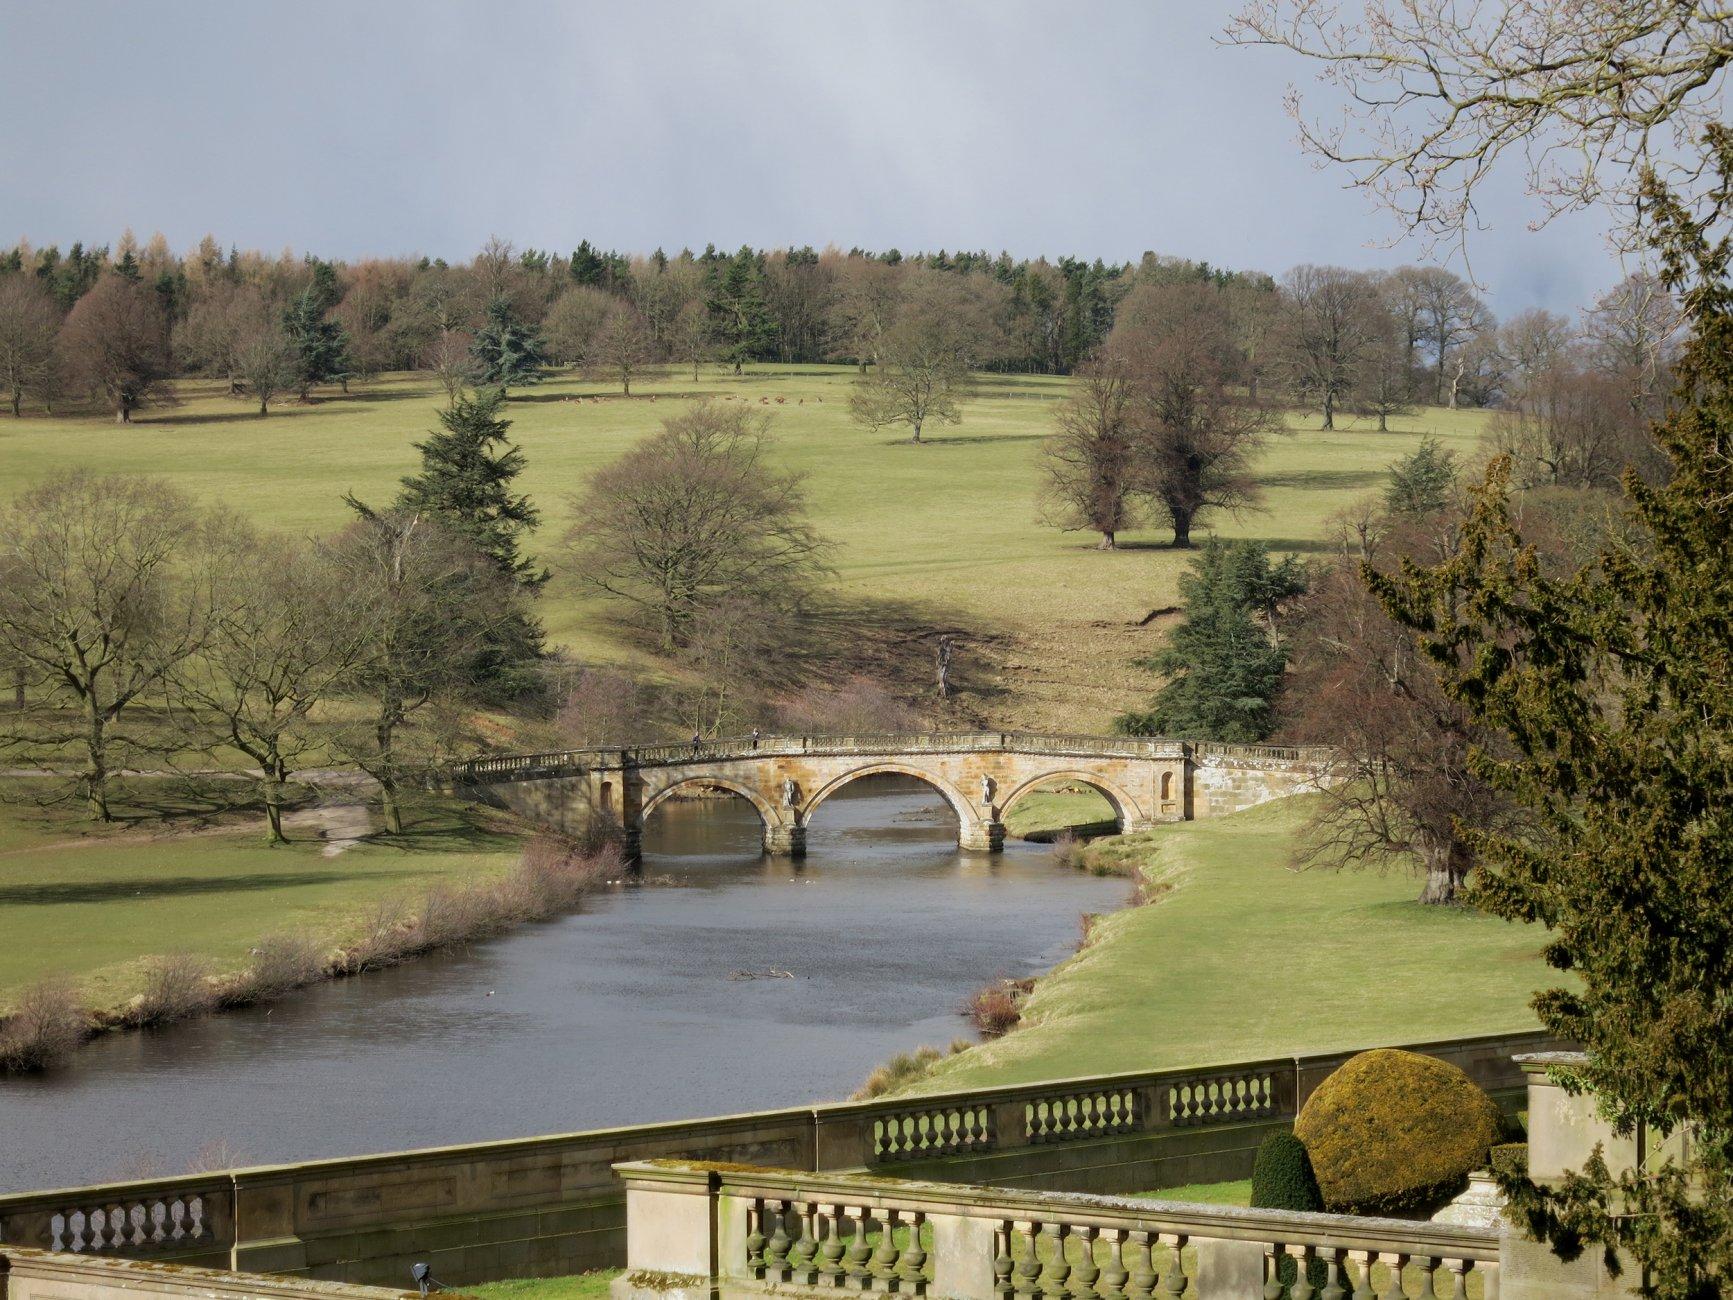 paines-bridge-over-the-river-derwent-from-the-garden-c-matthew-bullen.jpg